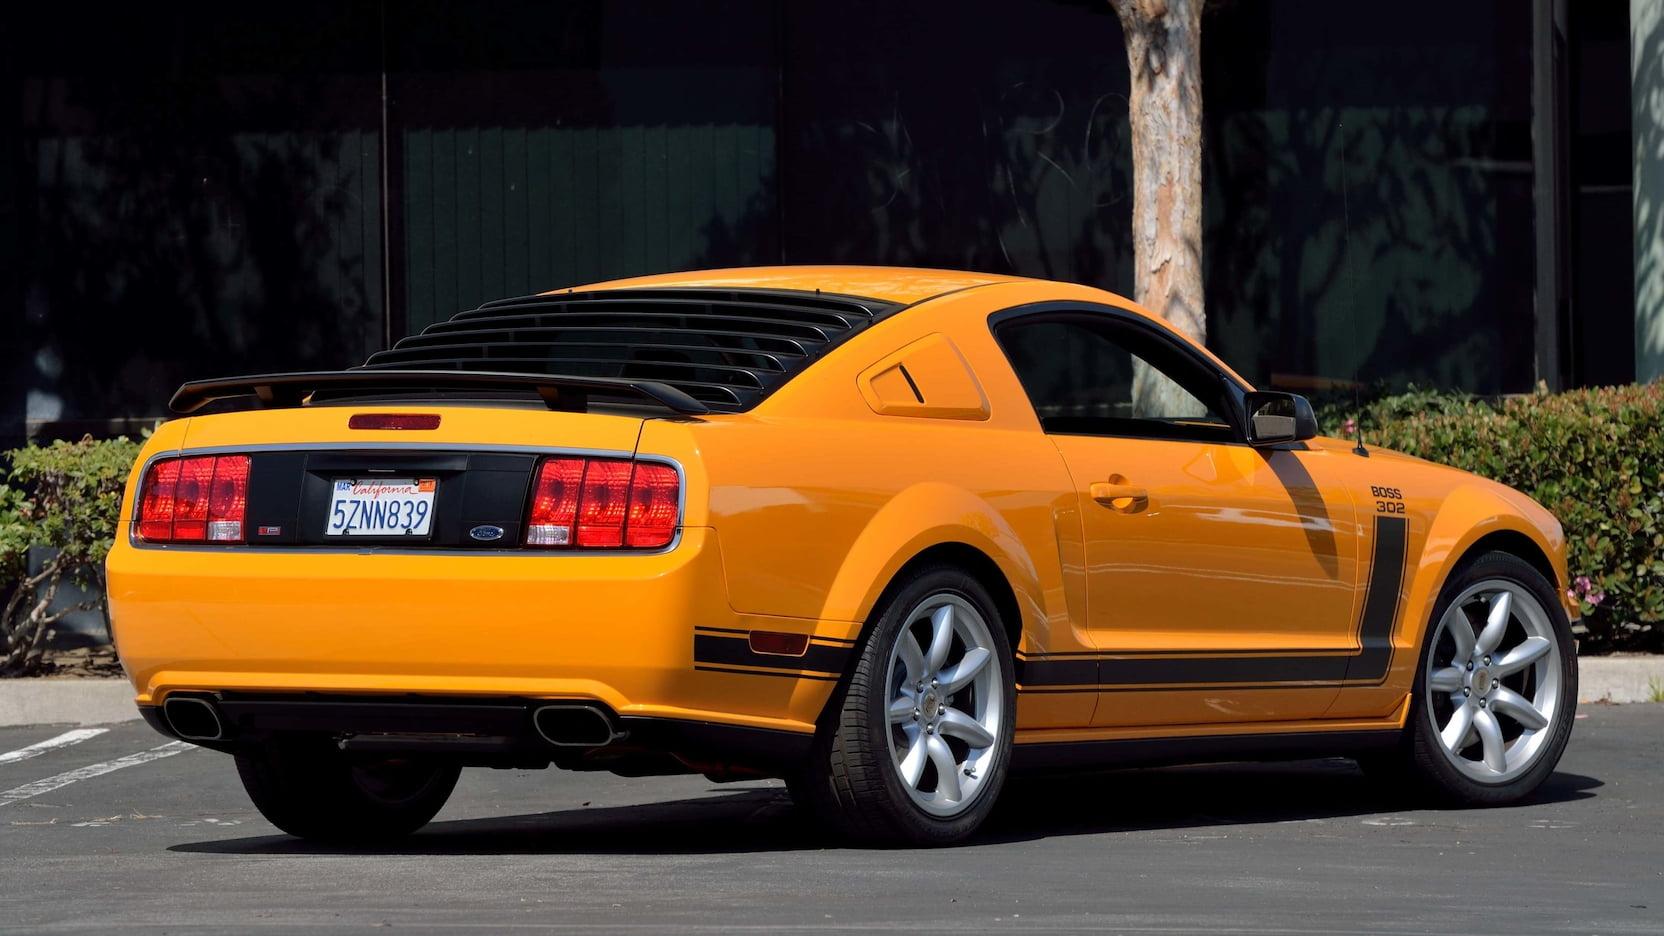 2007 Ford Mustang Saleen Parnelli Jones Mecum 001